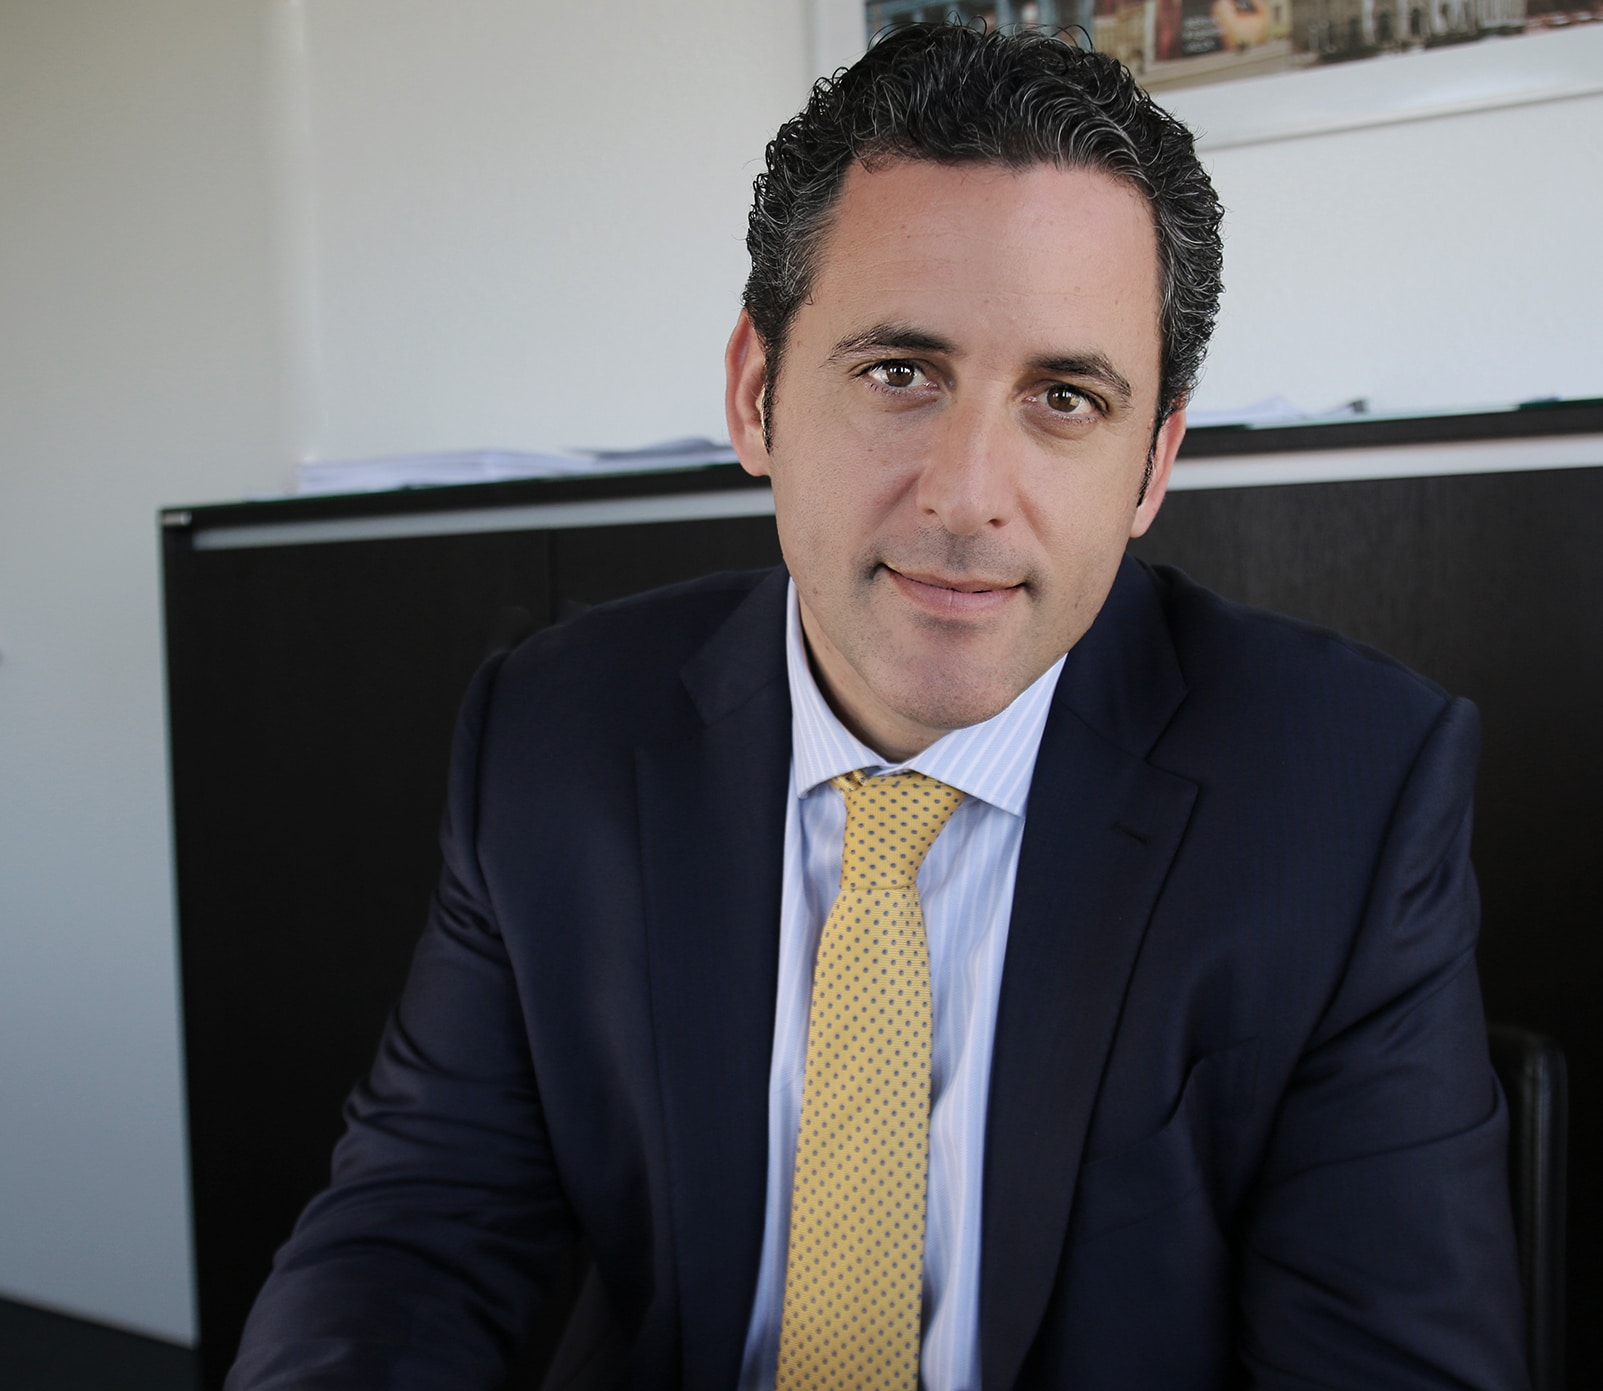 José Ramón Alegre Cabrelles